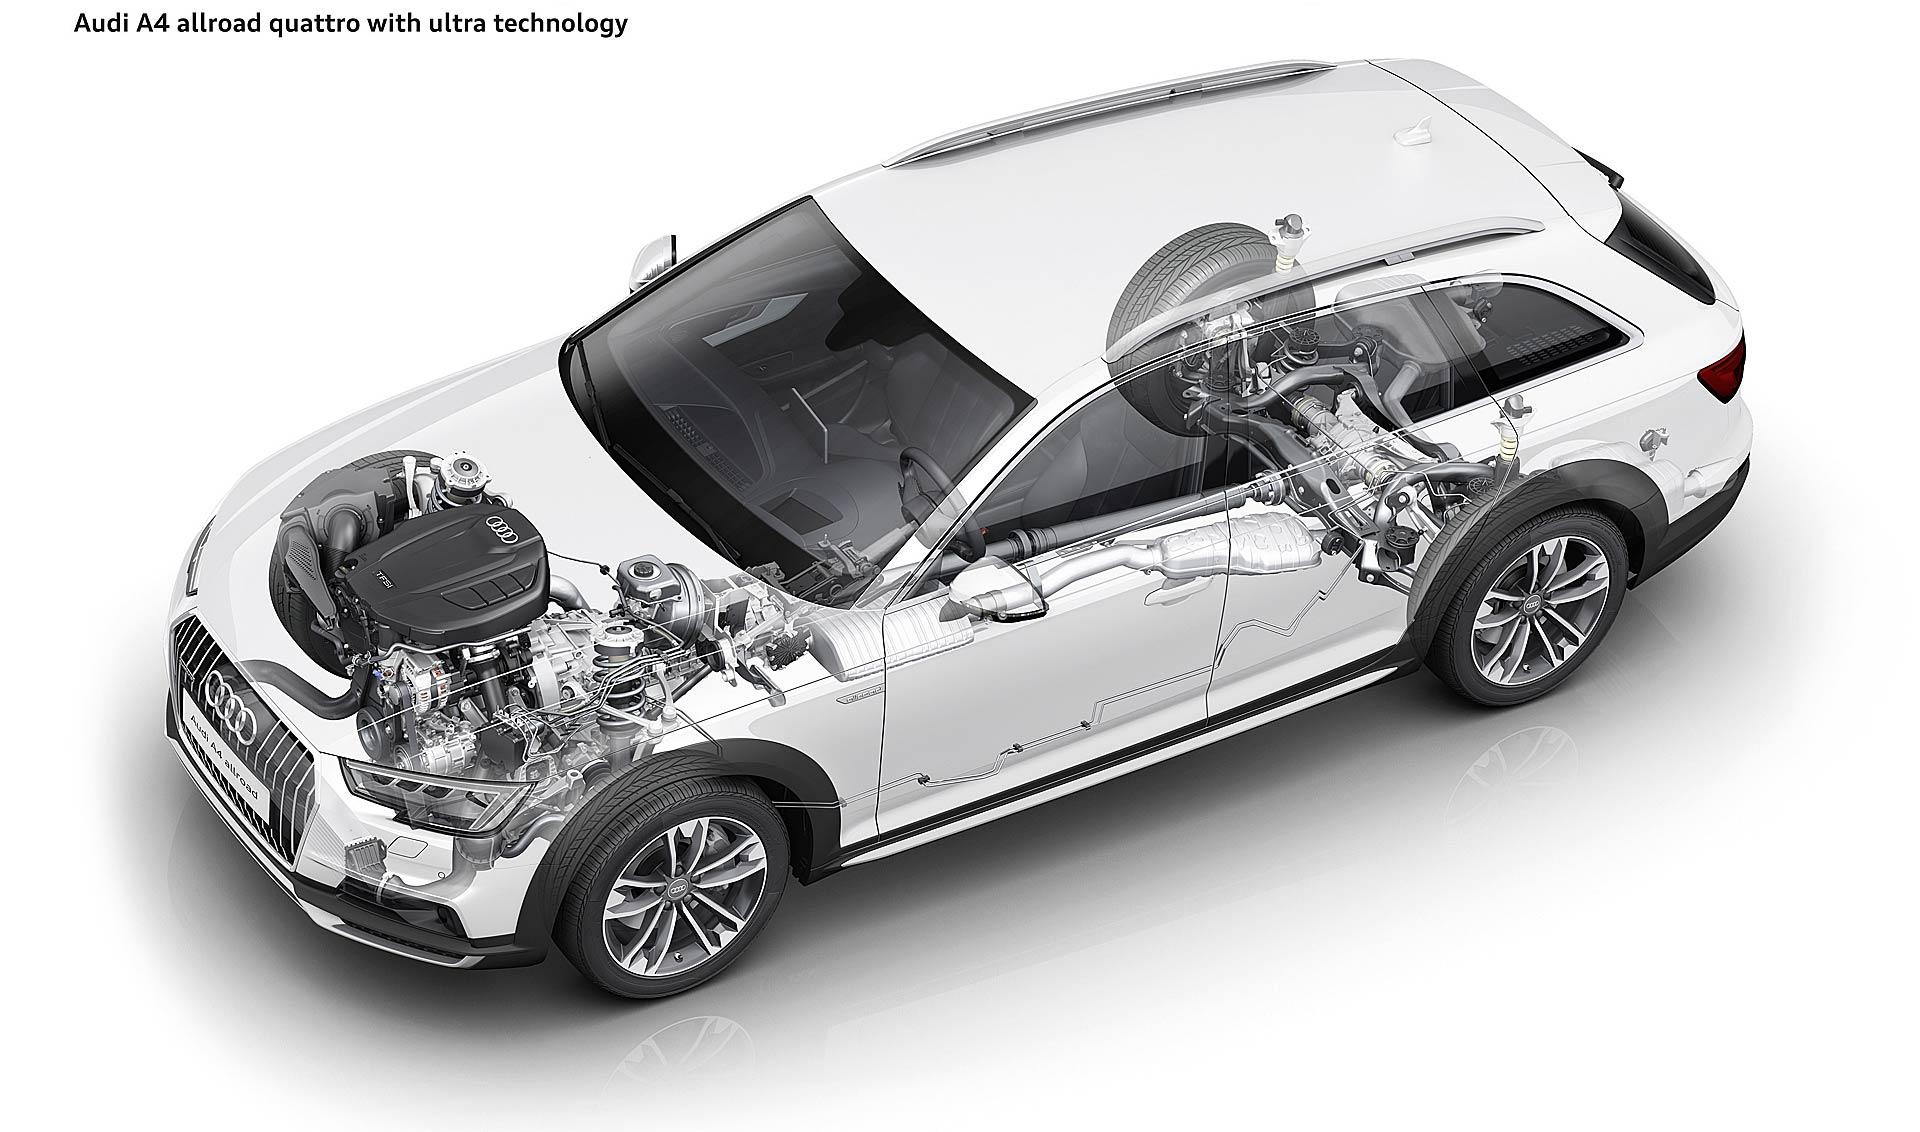 Schema in trasparenza della trazione integrale dell'Audi A4 allroad quattro